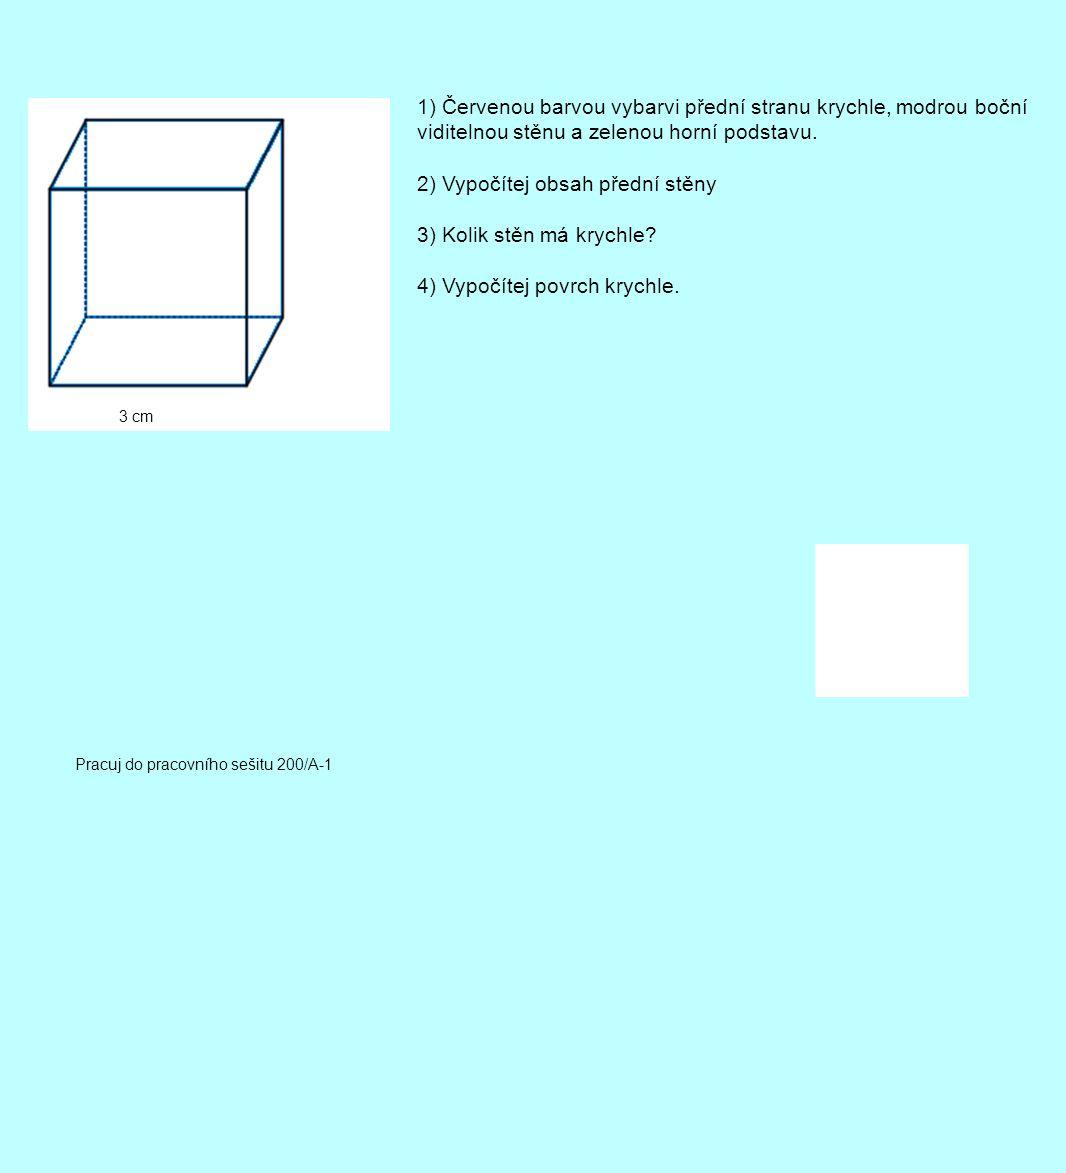 2) Vypočítej obsah přední stěny 3) Kolik stěn má krychle